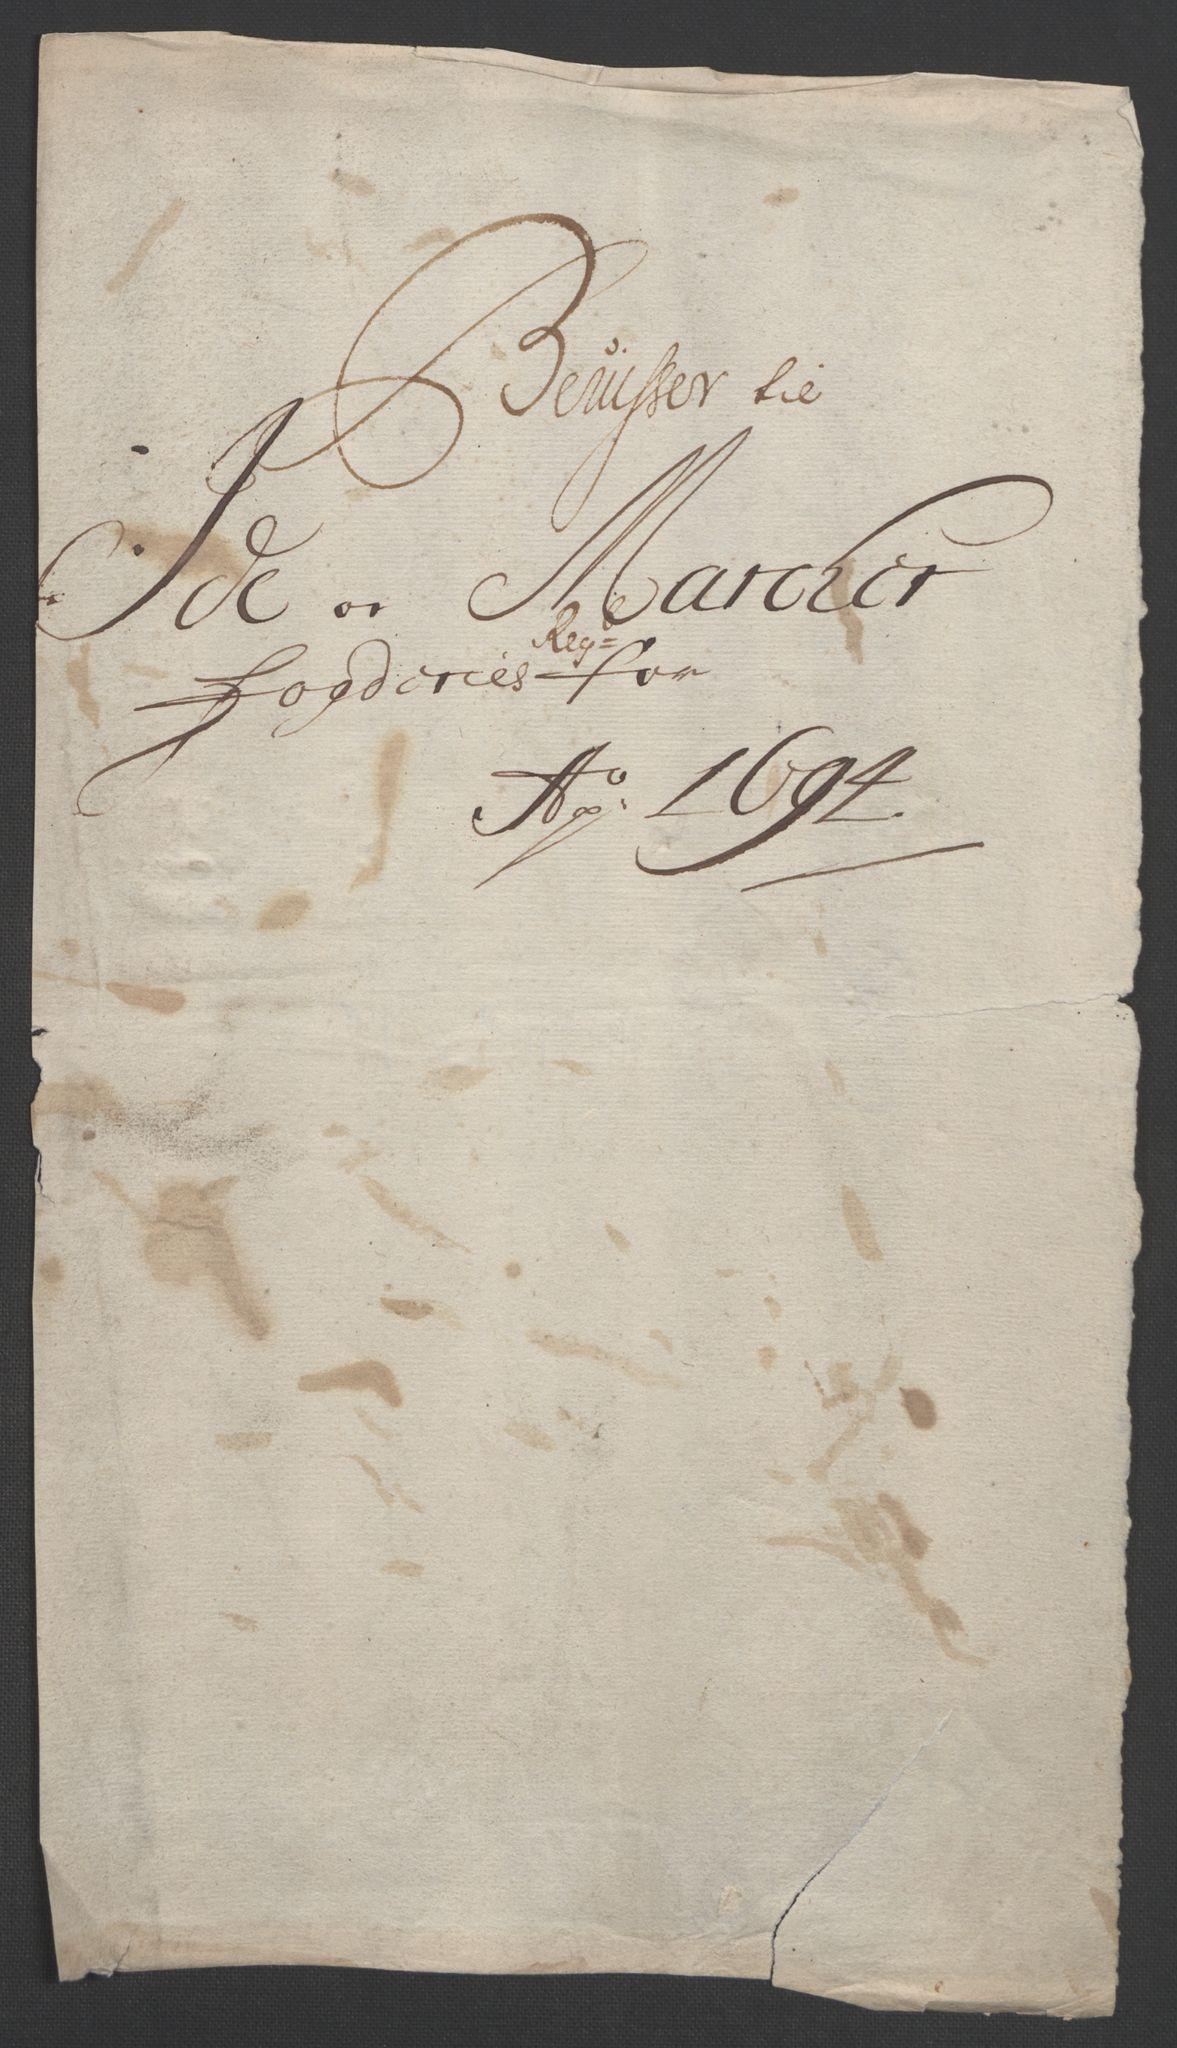 RA, Rentekammeret inntil 1814, Reviderte regnskaper, Fogderegnskap, R01/L0012: Fogderegnskap Idd og Marker, 1694-1695, s. 18